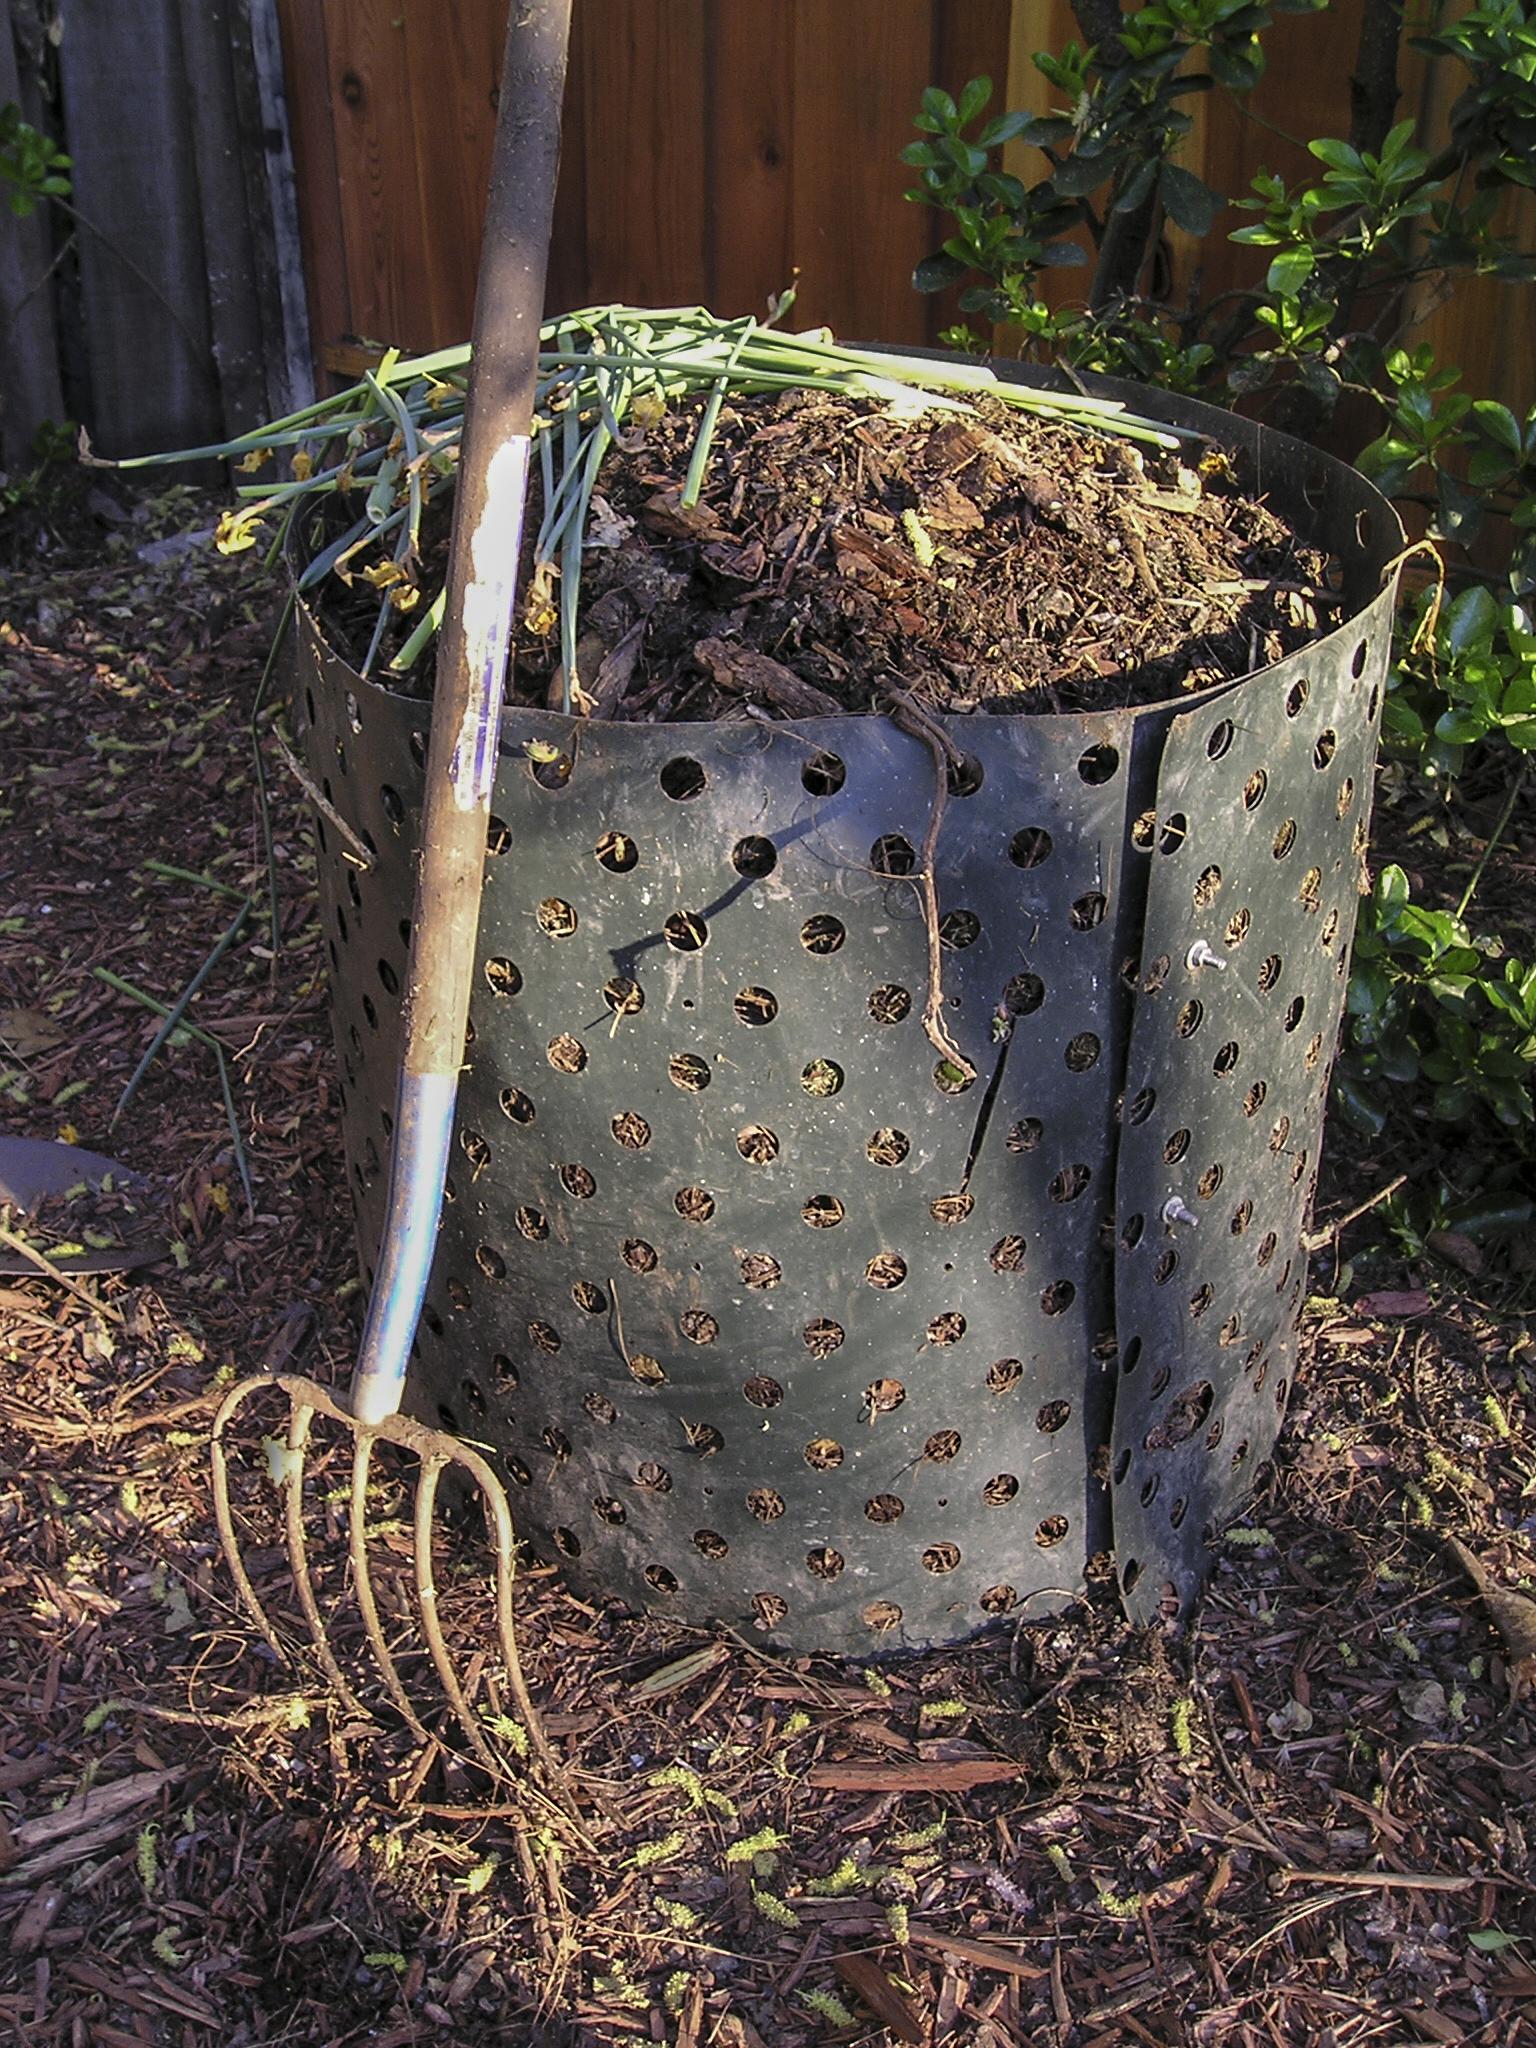 A pitchfork next to a compost bin